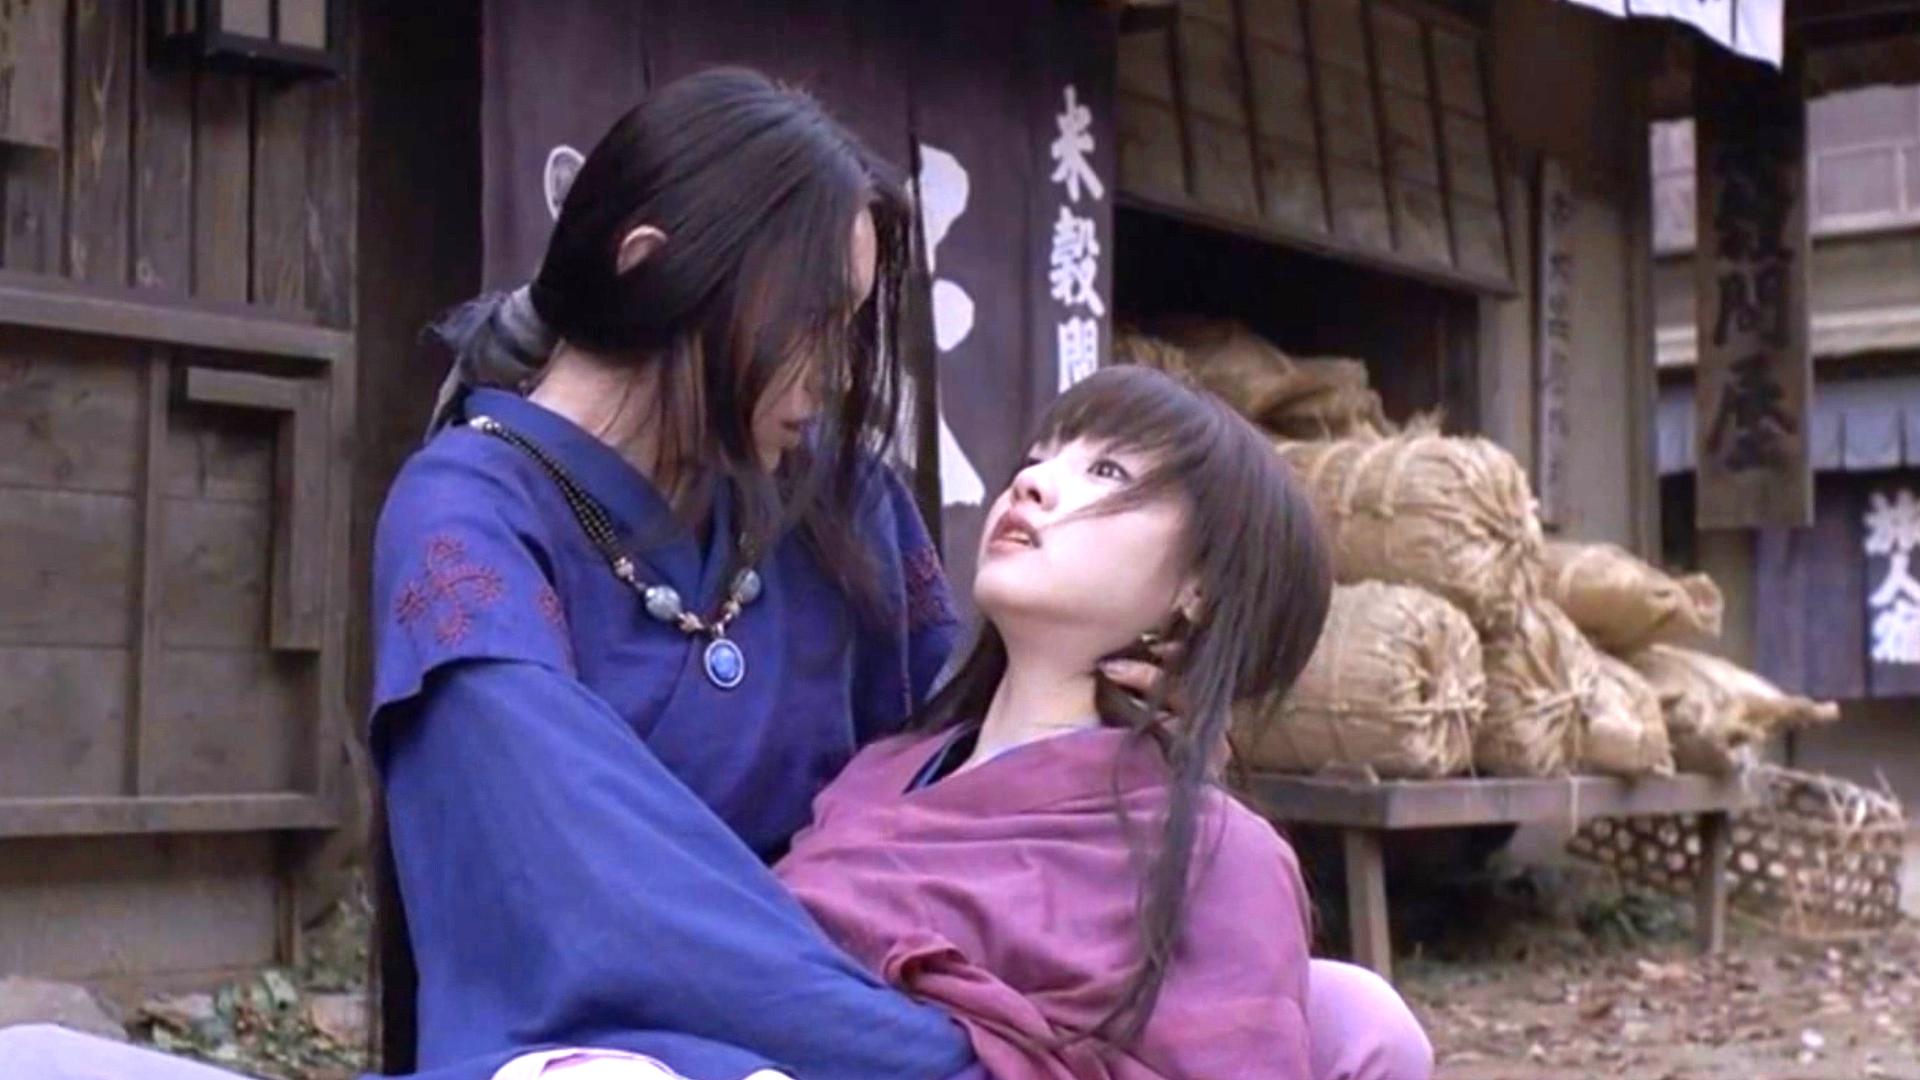 日本动作片巅峰之作,十大高手惨烈厮杀,争夺天下第一忍者的称号